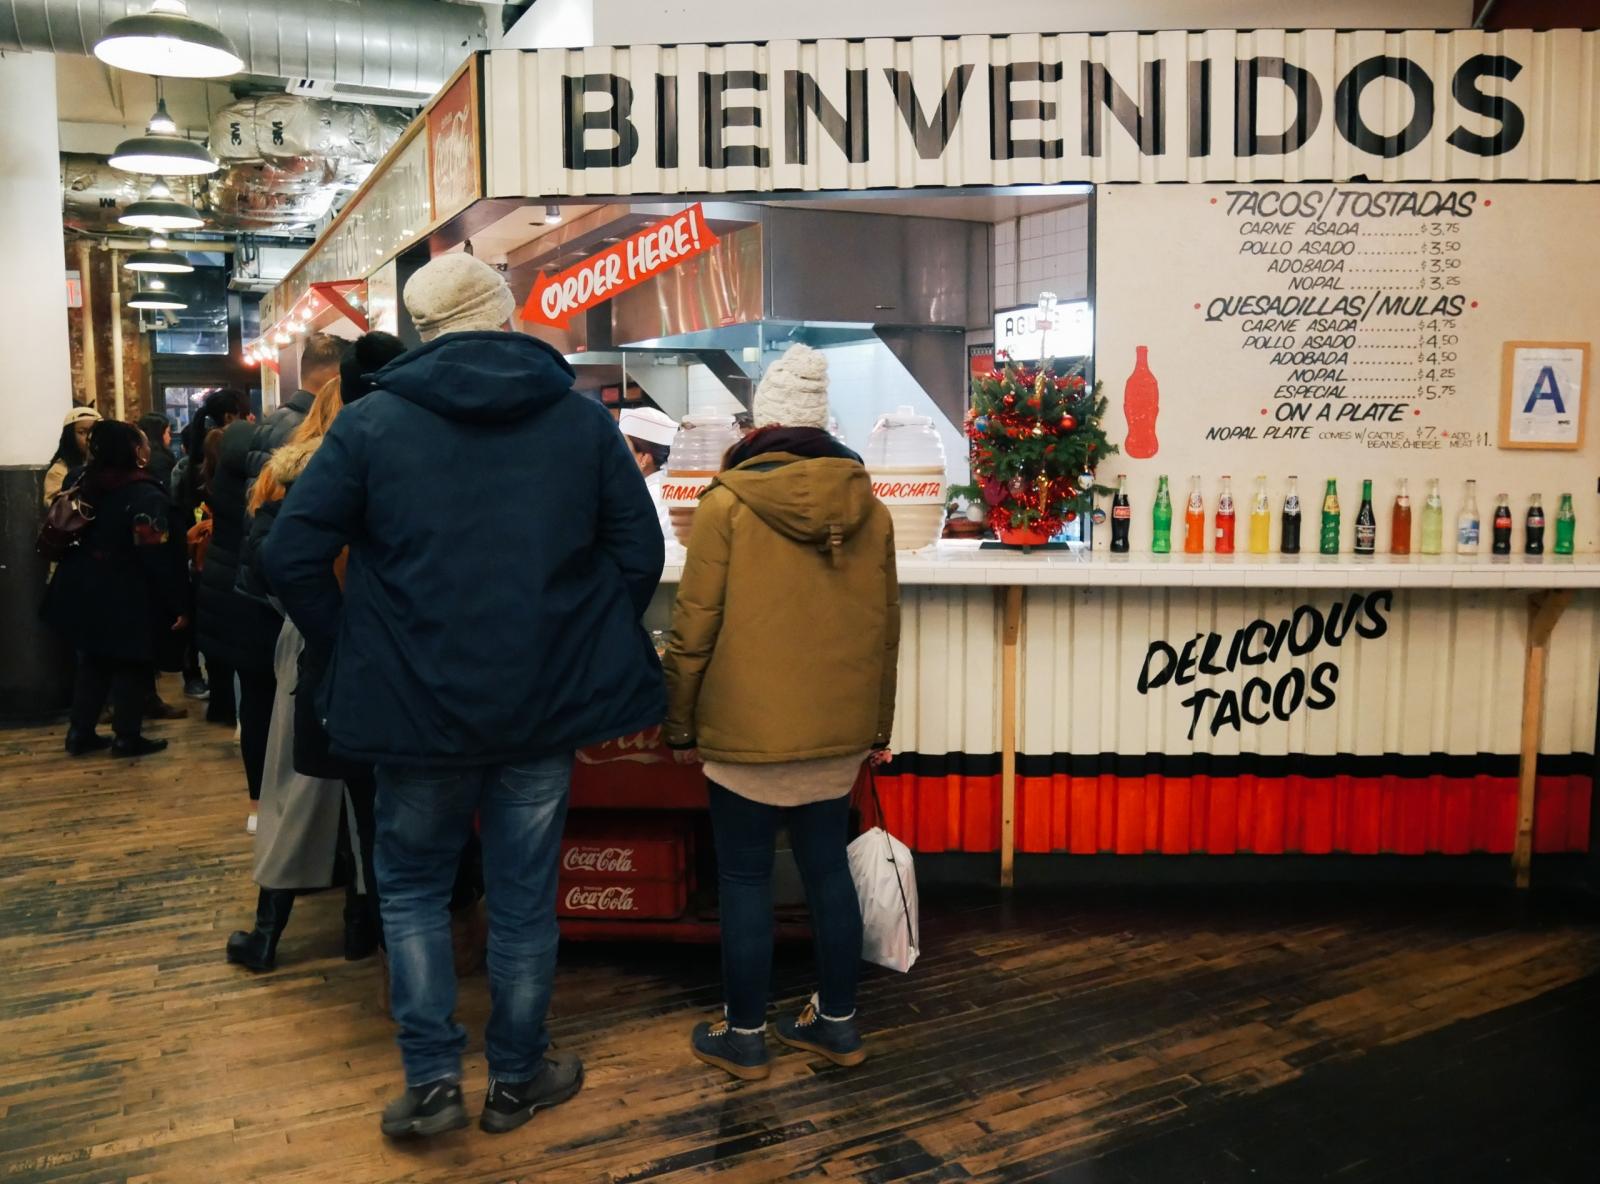 Chelsea Market taco stall